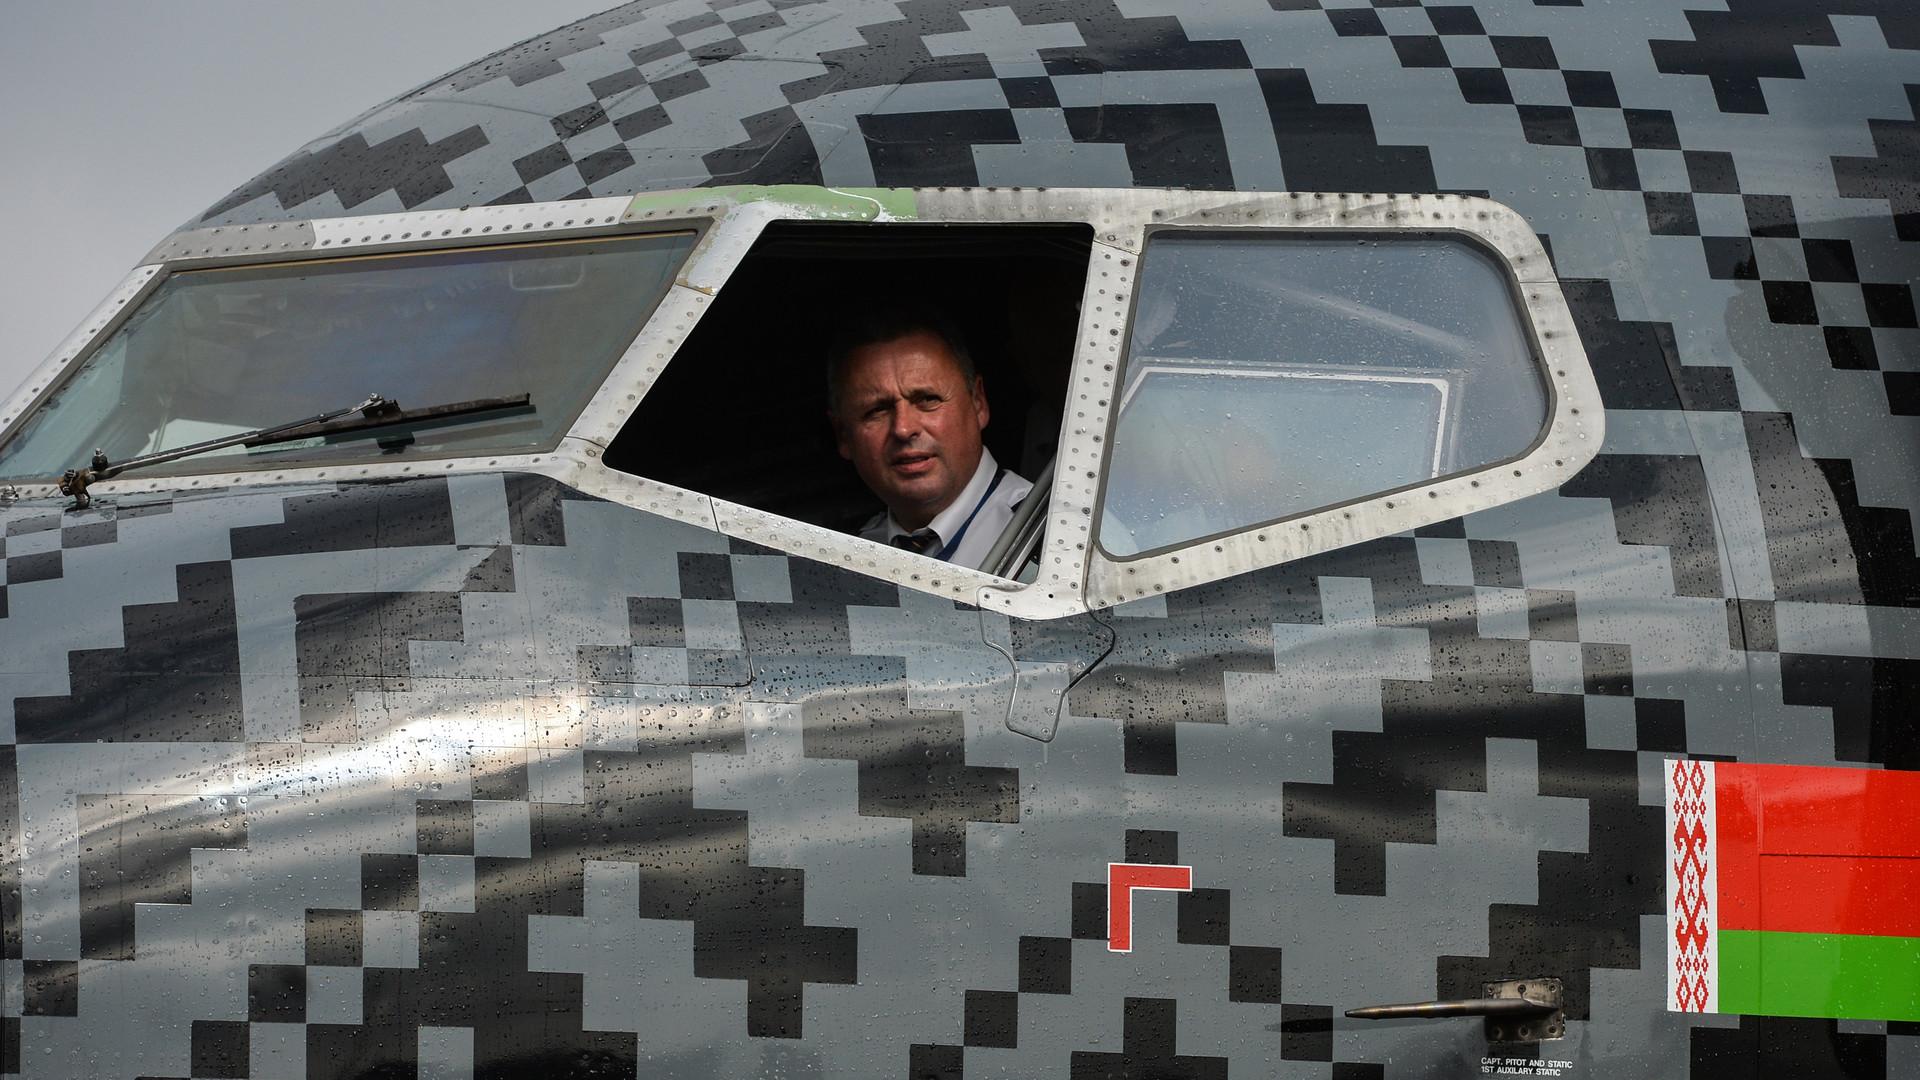 «Боевая авиация на перехват»: какие последствия ждут Украину за угрозы рейсу «Белавиа»